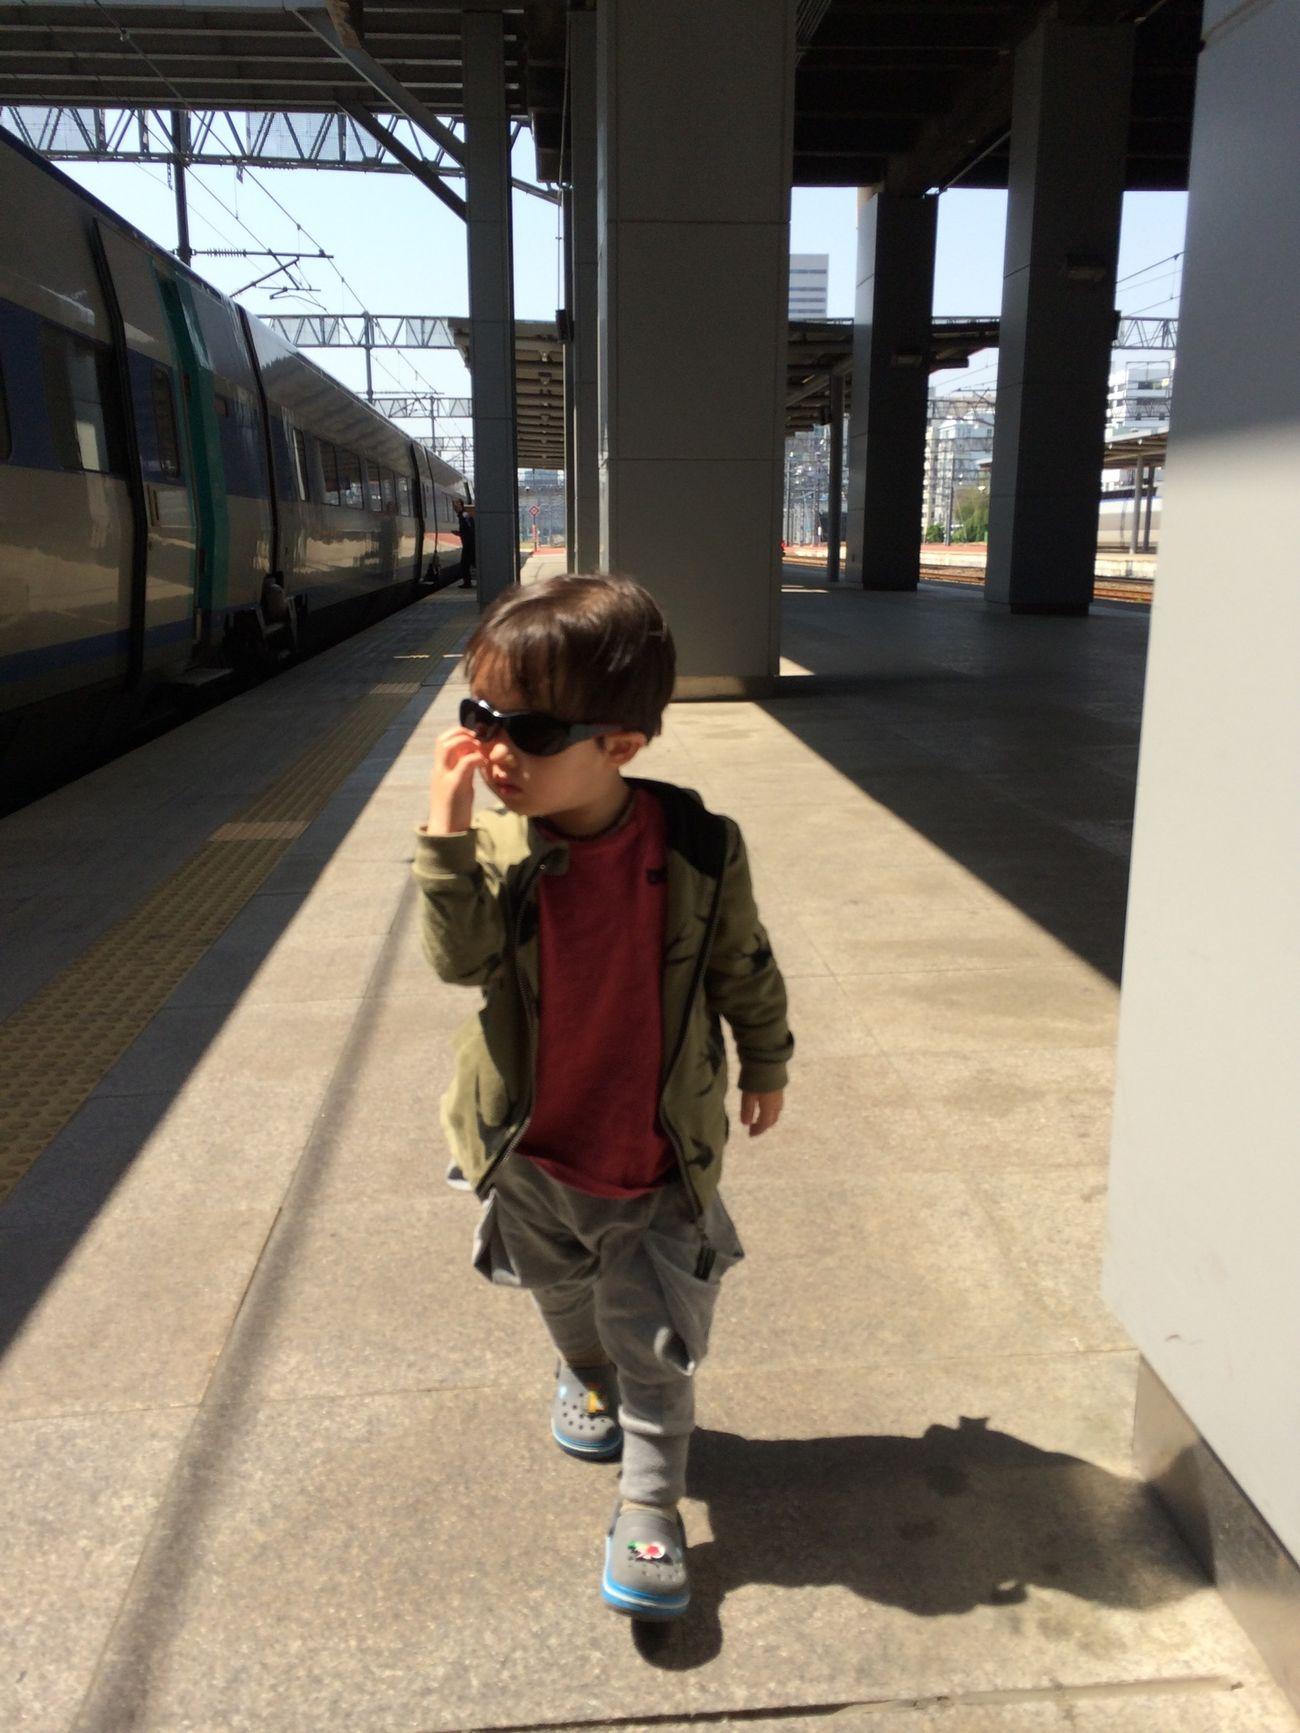 Train Station Hanging Out Taking Photos Enjoying Life